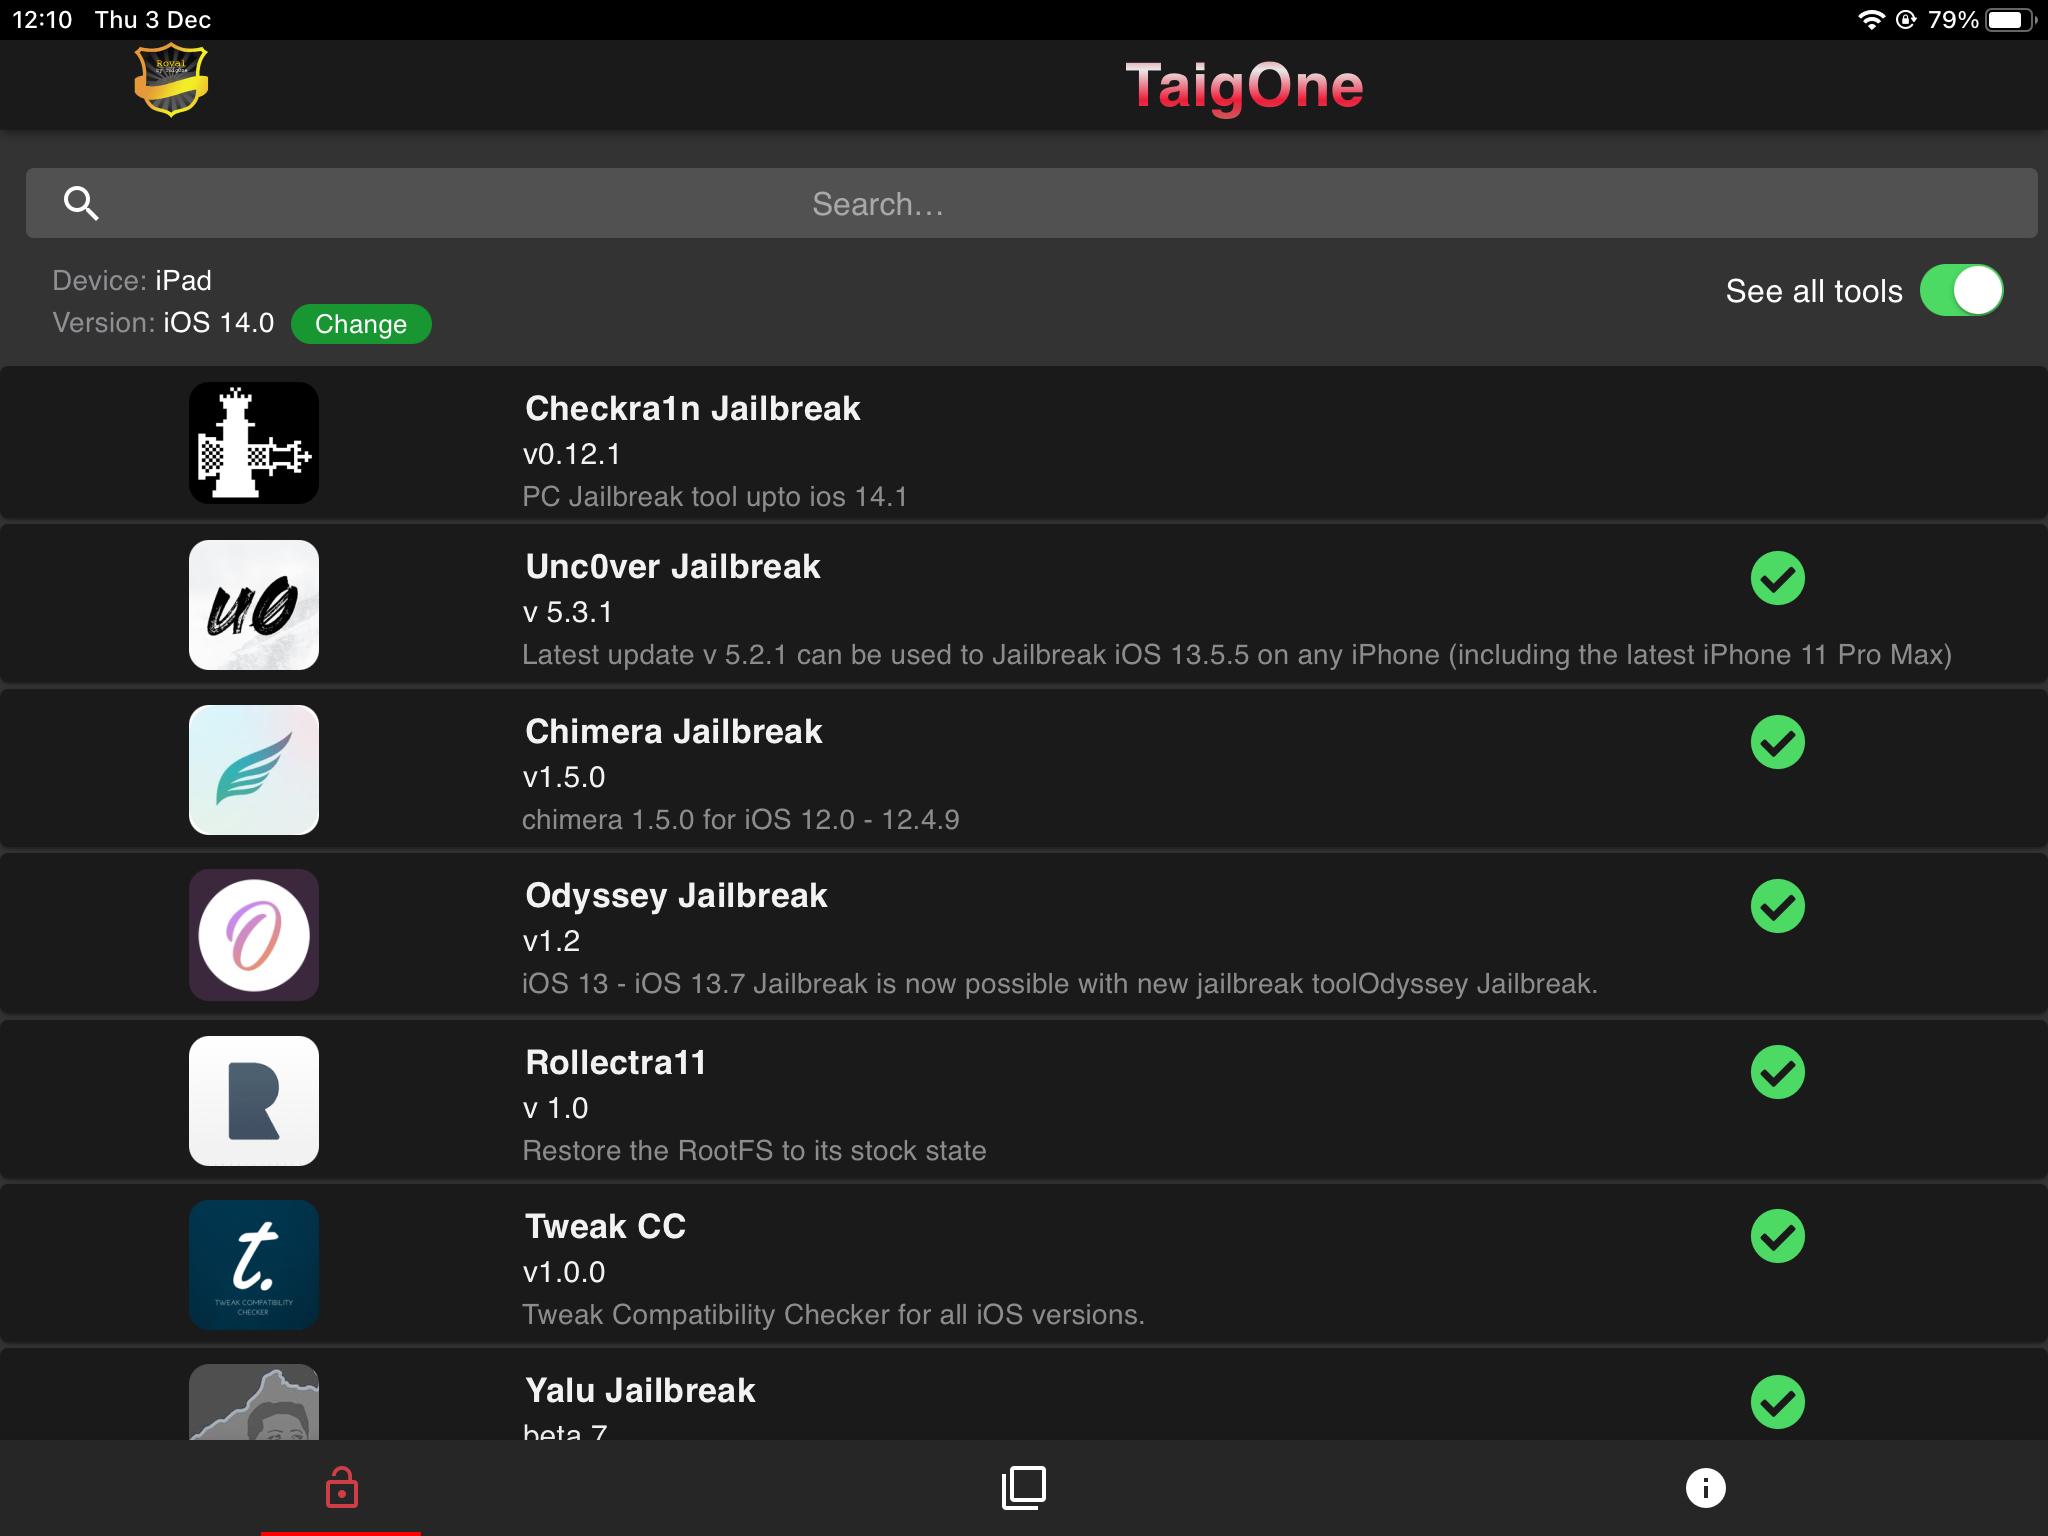 iOS Gods, Tutu app, zJailbreak, Tweak CC, iWish and many other jailbreak tweaks